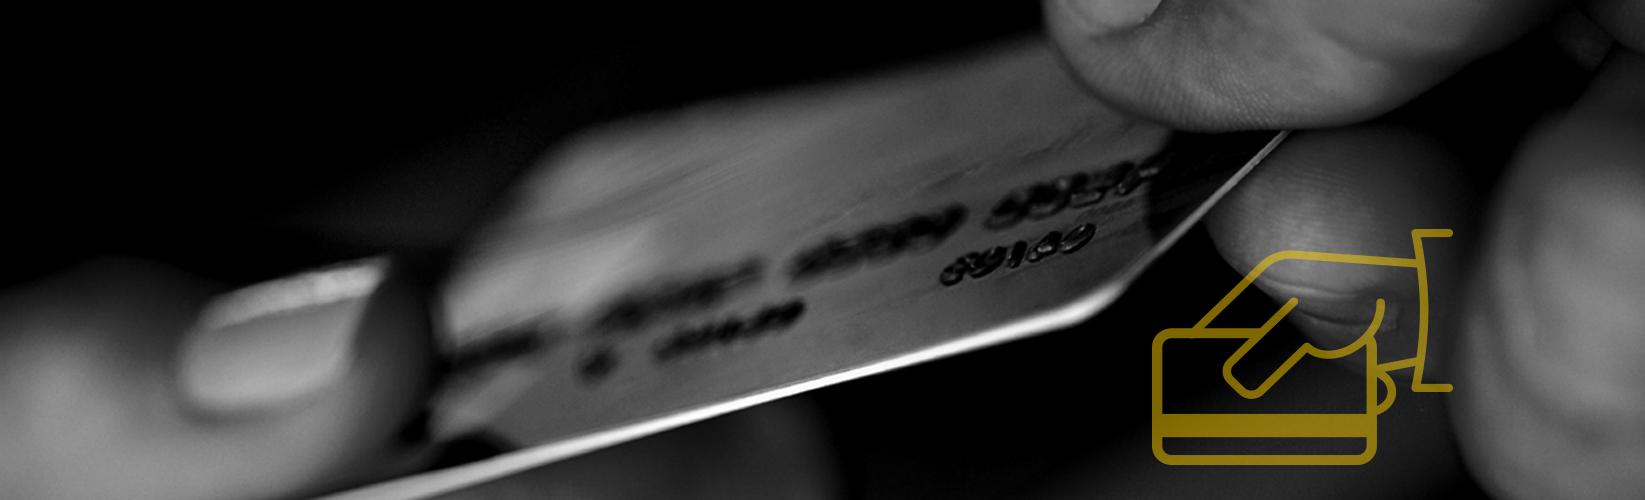 了解TAXI CARD(出租车卡),无需信用卡支付